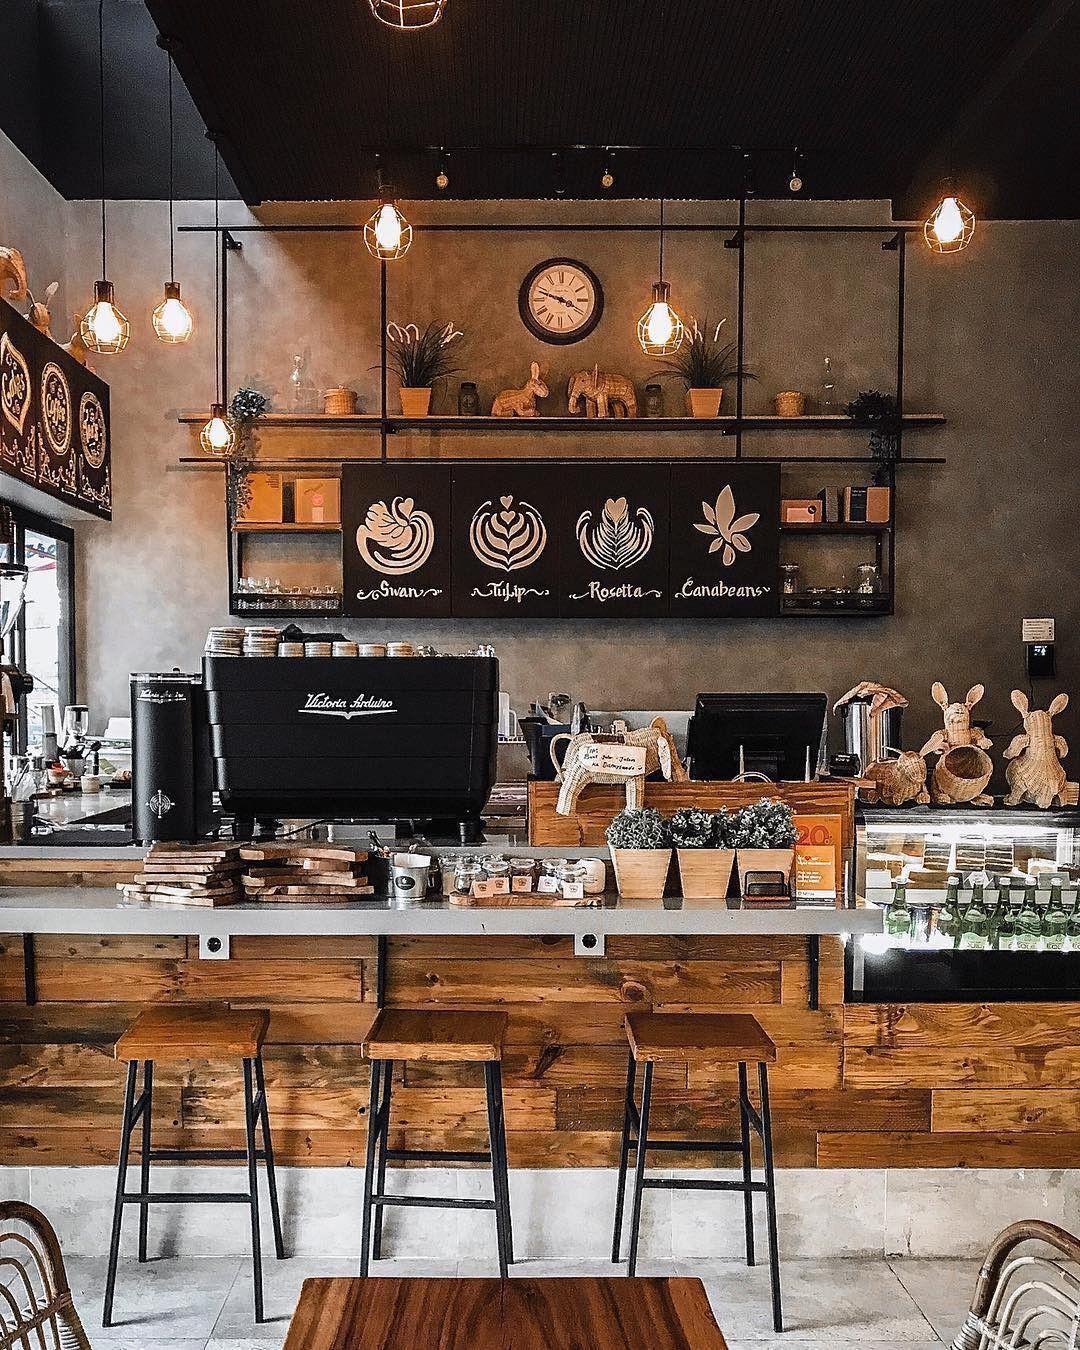 Induuatrial | Coffee shop decor, Coffee shop interior ...